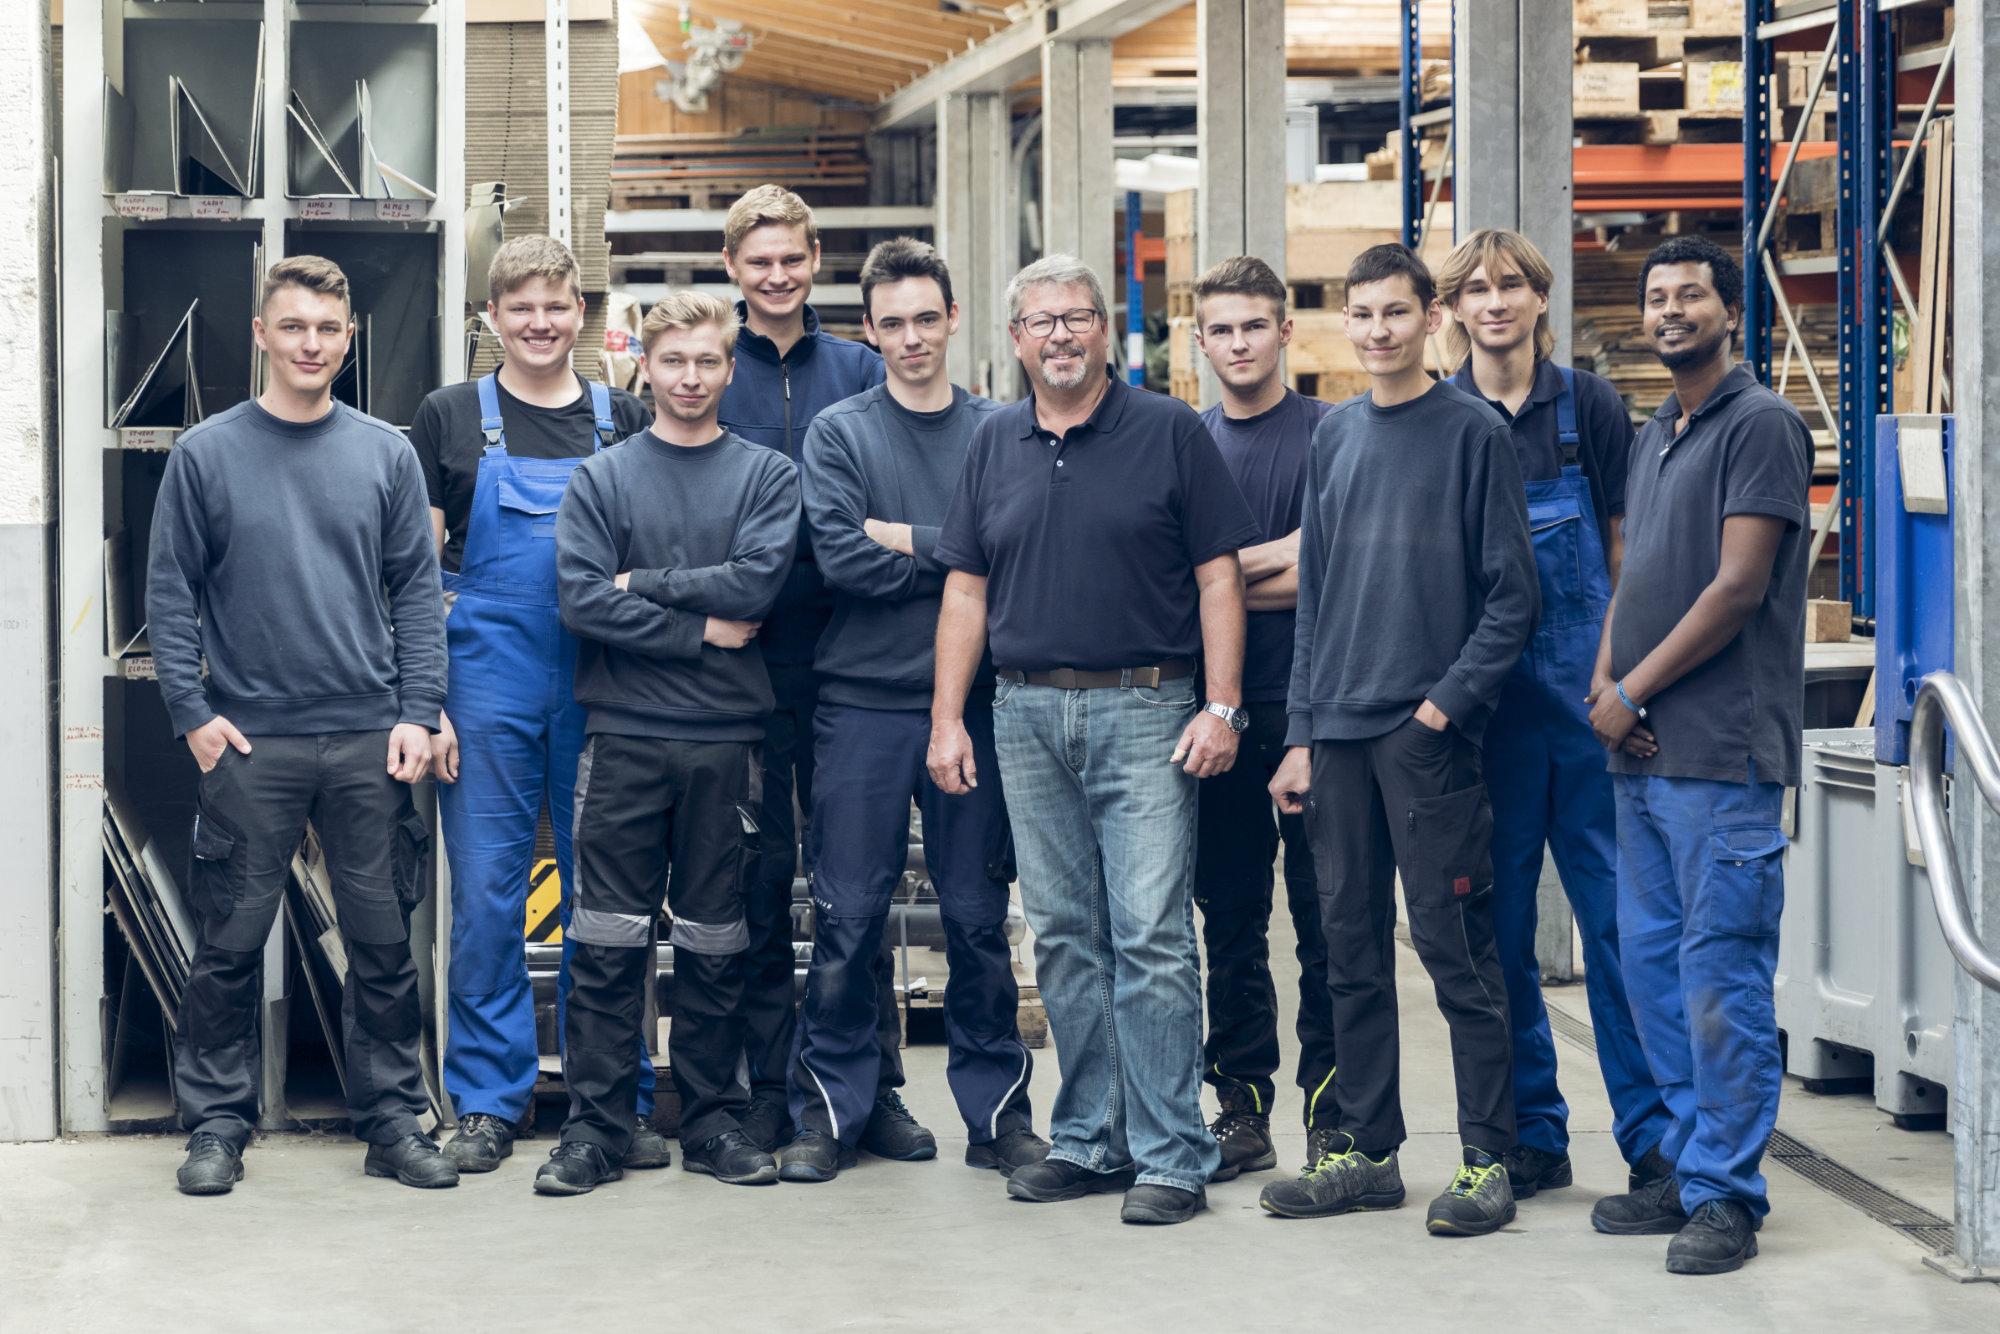 Mey Maschinenbau Prien Gruppenfoto von Auszubildenden und Ausbildern